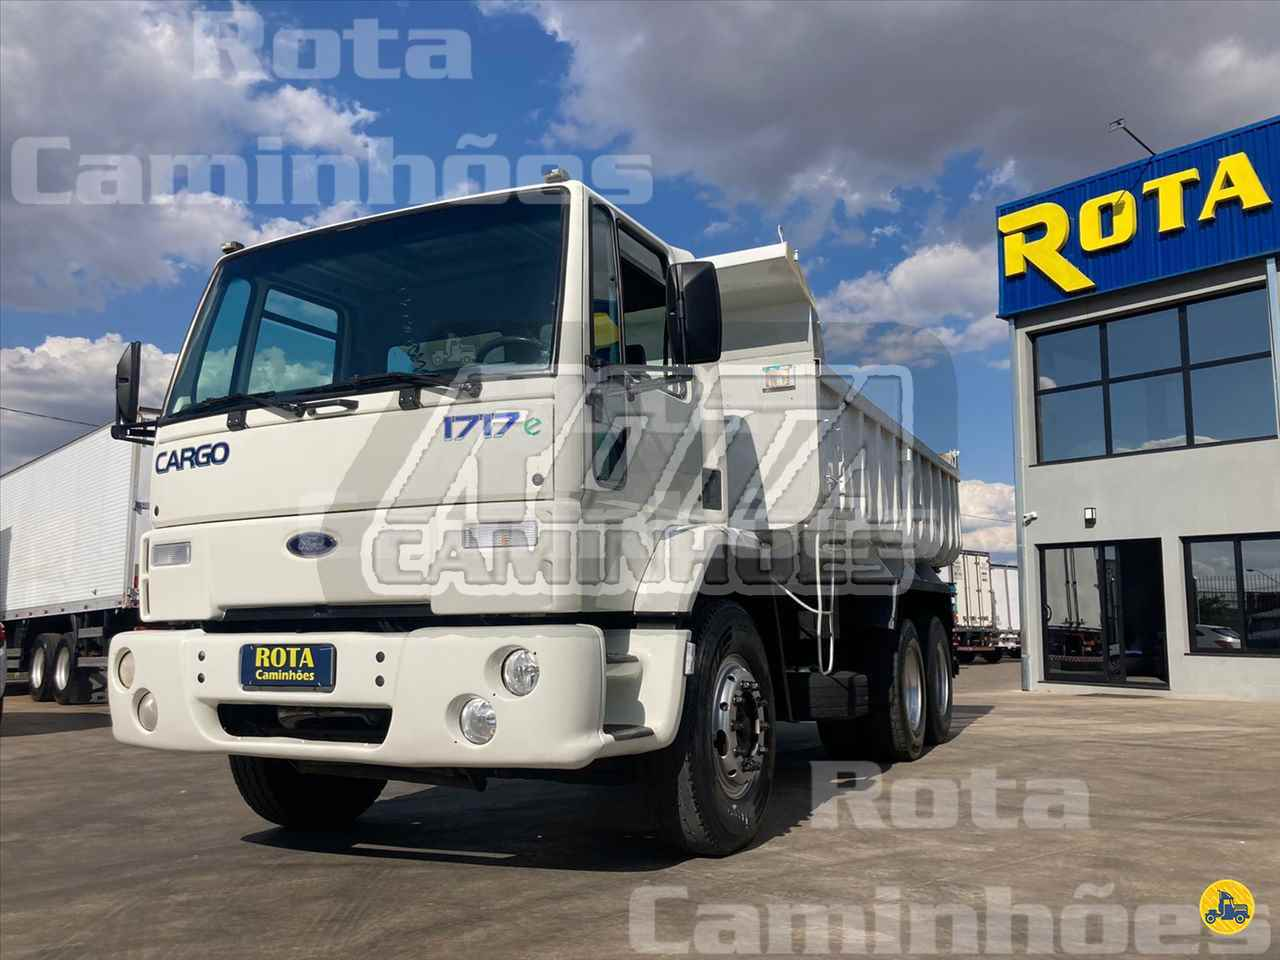 CARGO 1717 de Rota Caminhões - SUMARE/SP